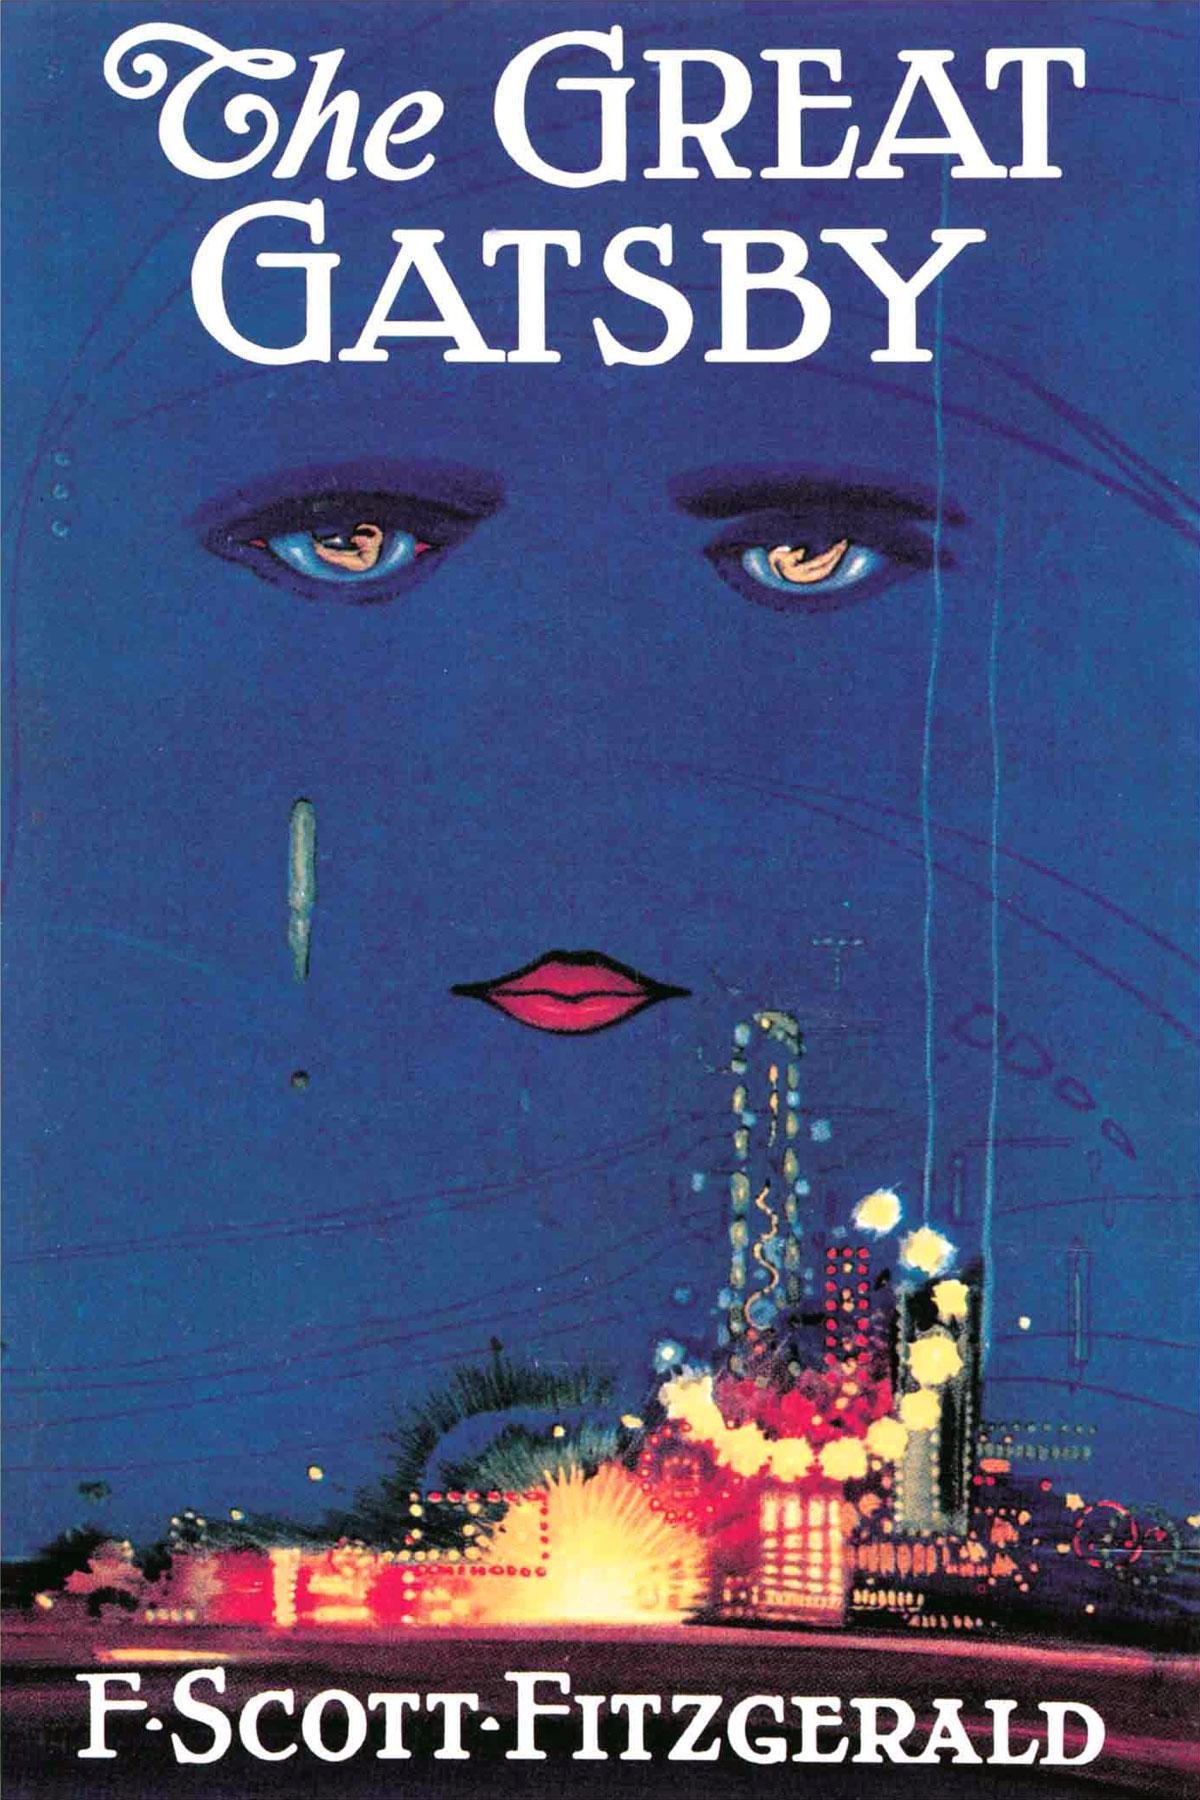 Il grande Gatsby (di Francis Scott Fitzgerald) - La copertina dell'edizione del 1925 ad opera di Francis Cugat